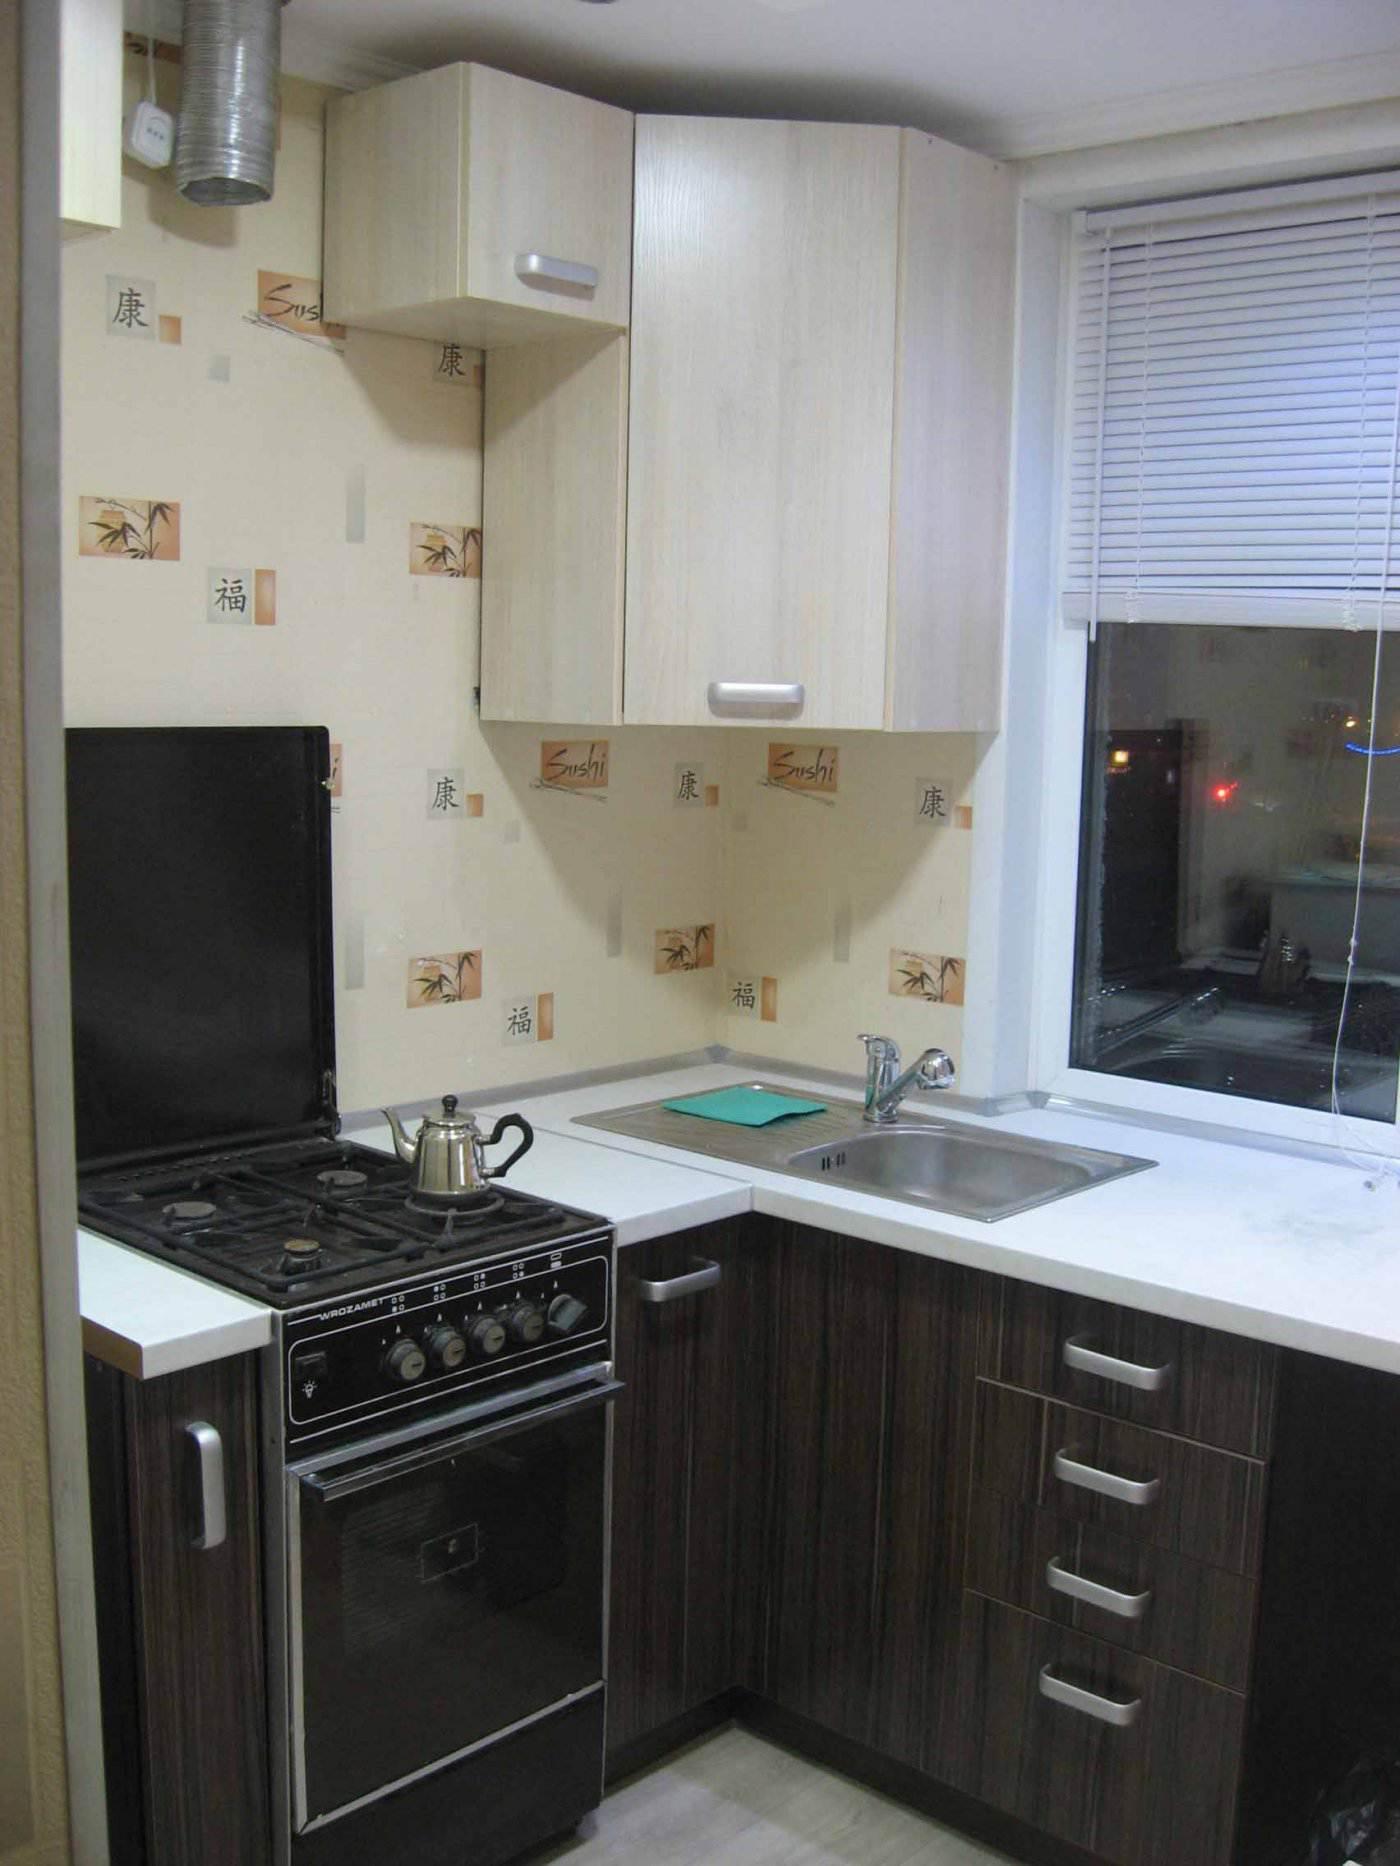 и дизайн угловой кухни 5,5 кв.м (18 фото